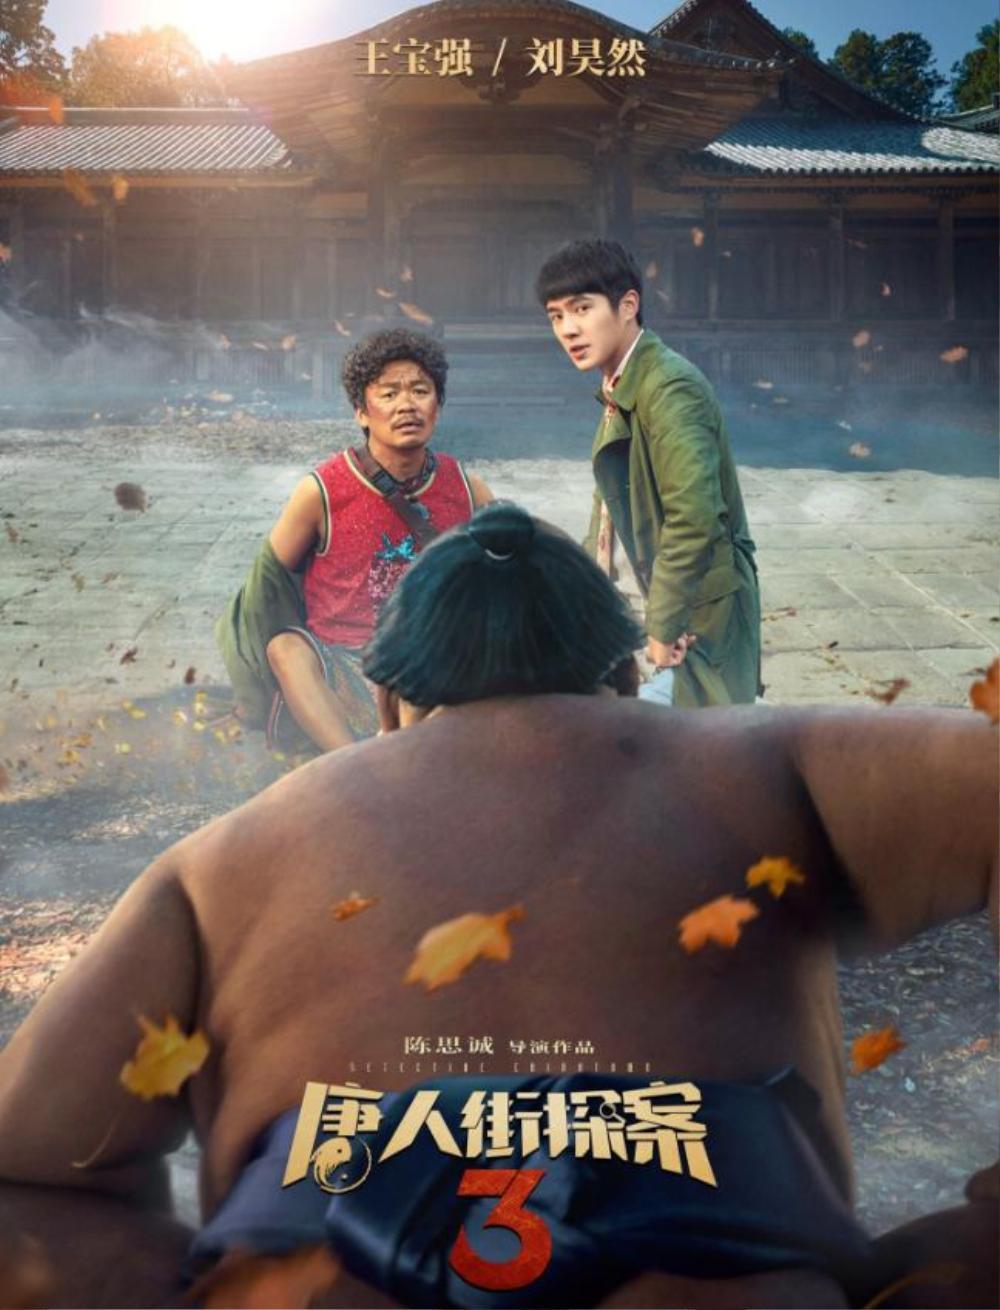 Điểm Douban của 'Thám tử phố Tàu 3' do Lưu Hạo Nhiên đóng chính đang tuột giảm không phanh? Ảnh 5